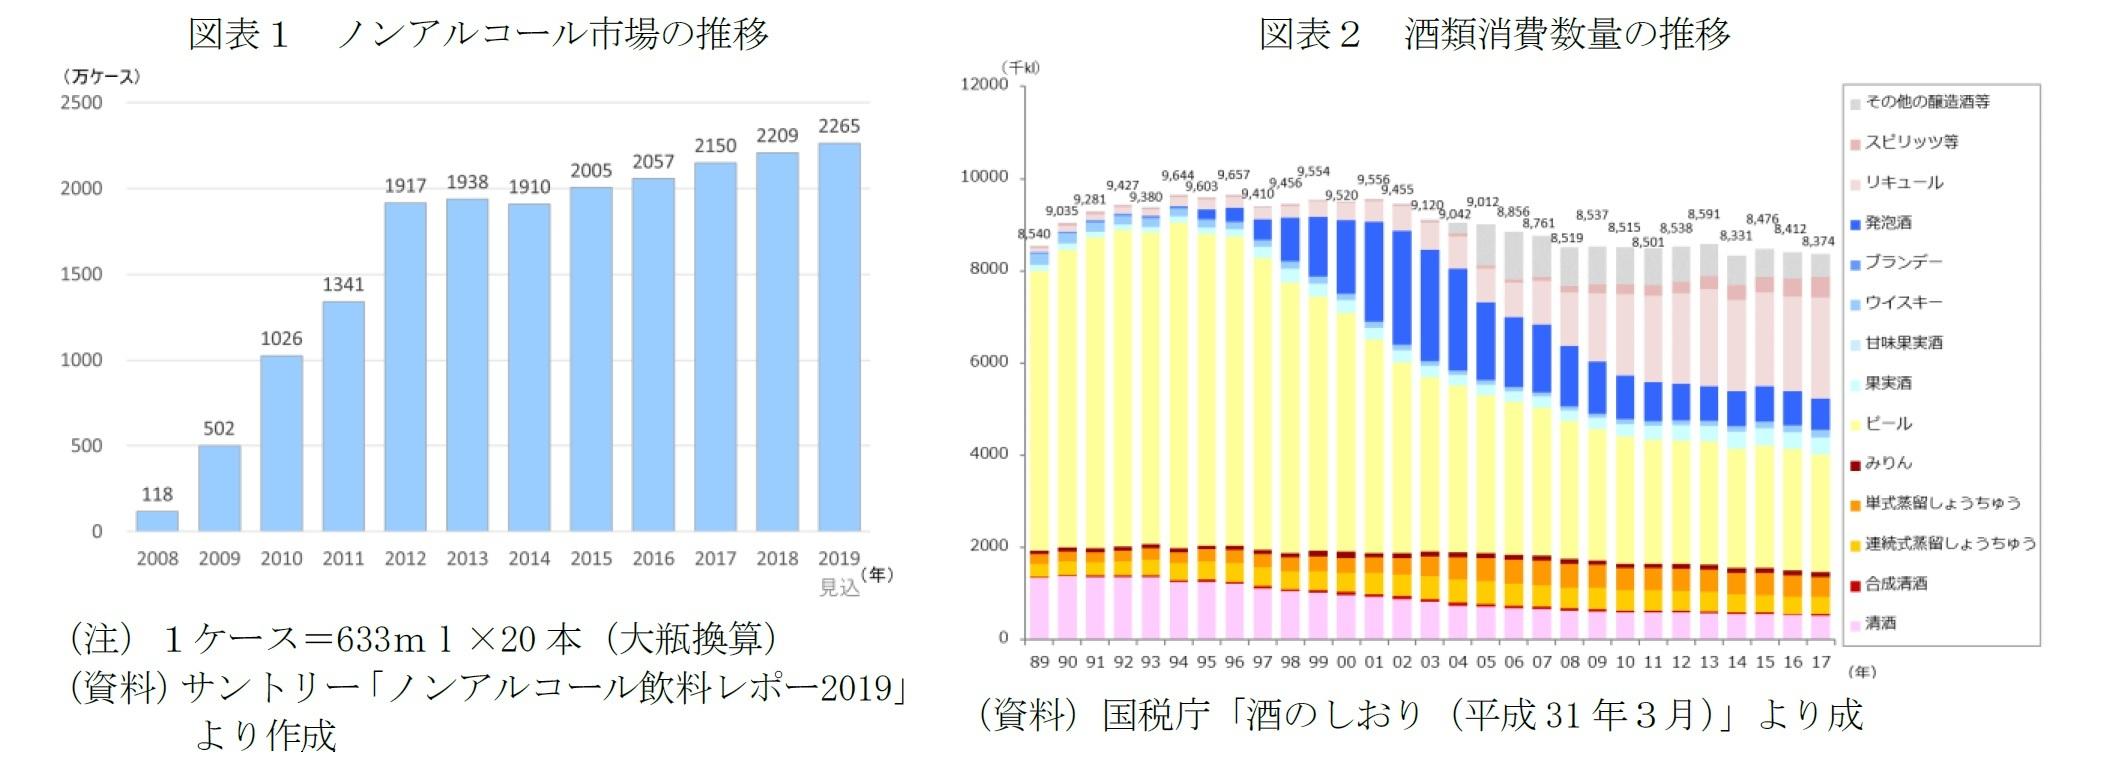 図表1 ノンアルコール市場の推移/図表2 酒類消費数量の推移